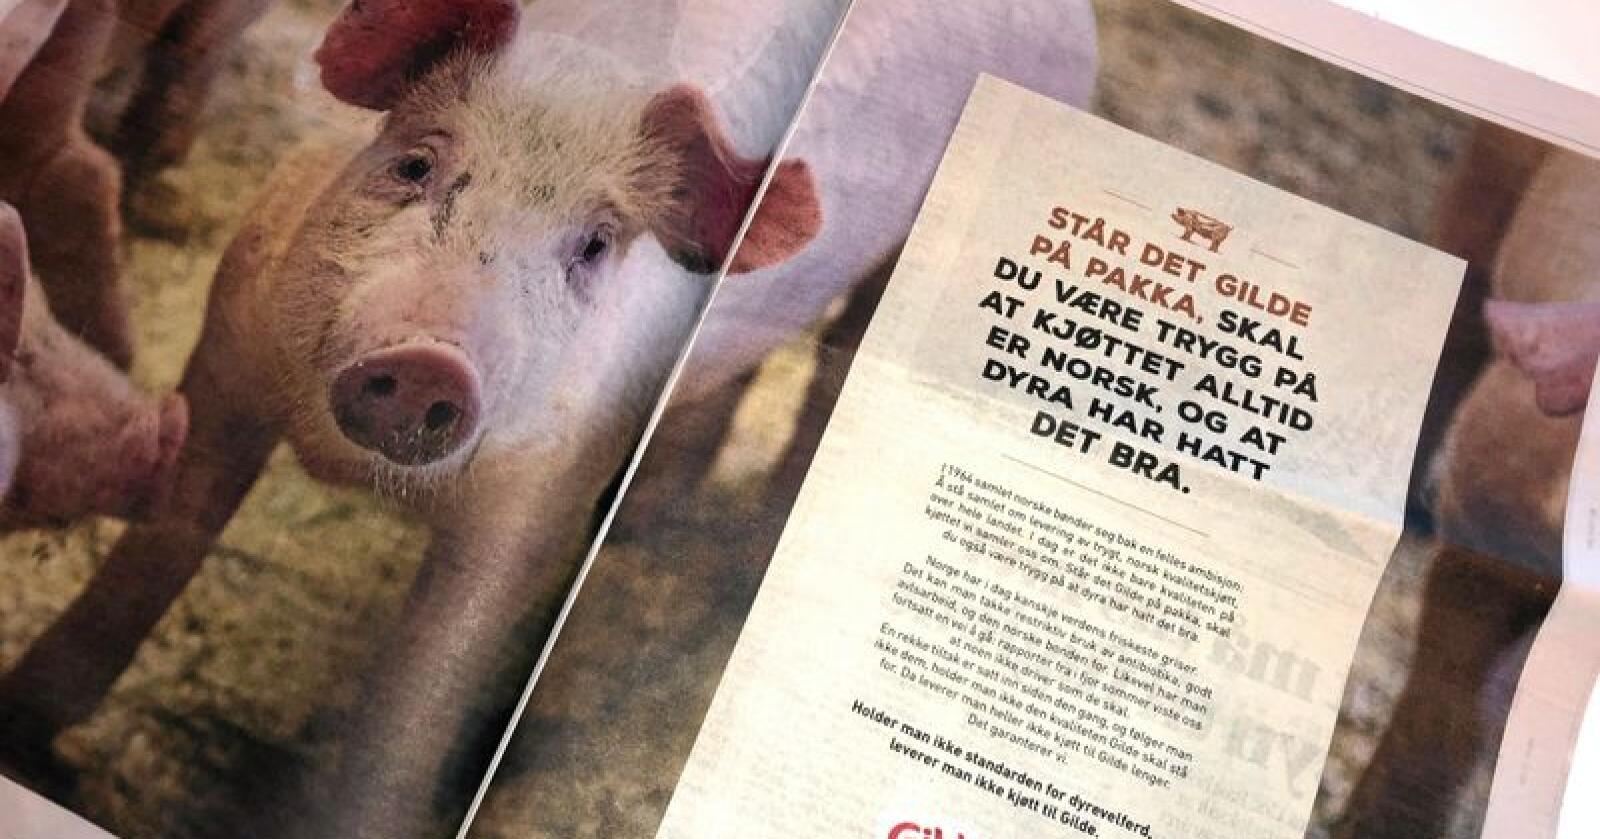 En dokumentar om svineprodusenter som ble sendt på NRK onsdag, har skapt reaksjoner. Torsdag slo Gilde tilbake i en annonse i flere norske aviser. Foto: Lars Bilit Hagen